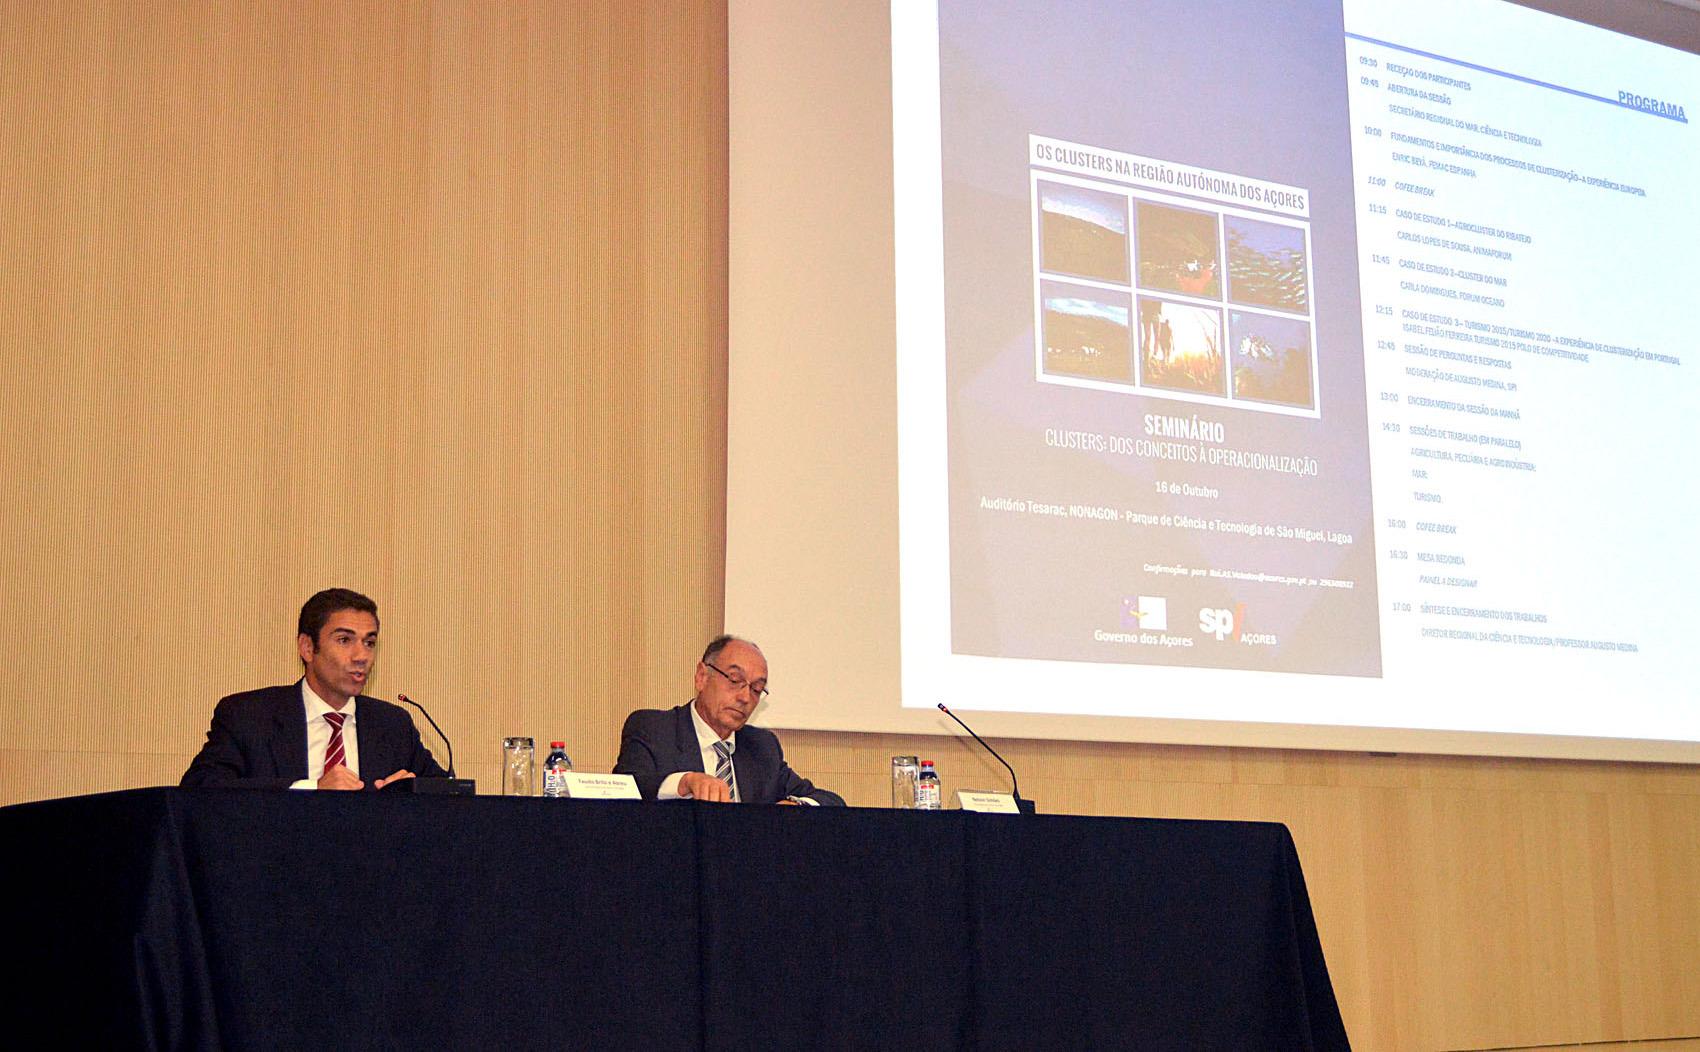 'Clusterização' contribuirá para competitividade empresarial nos Açores, afirma Brito e Abreu